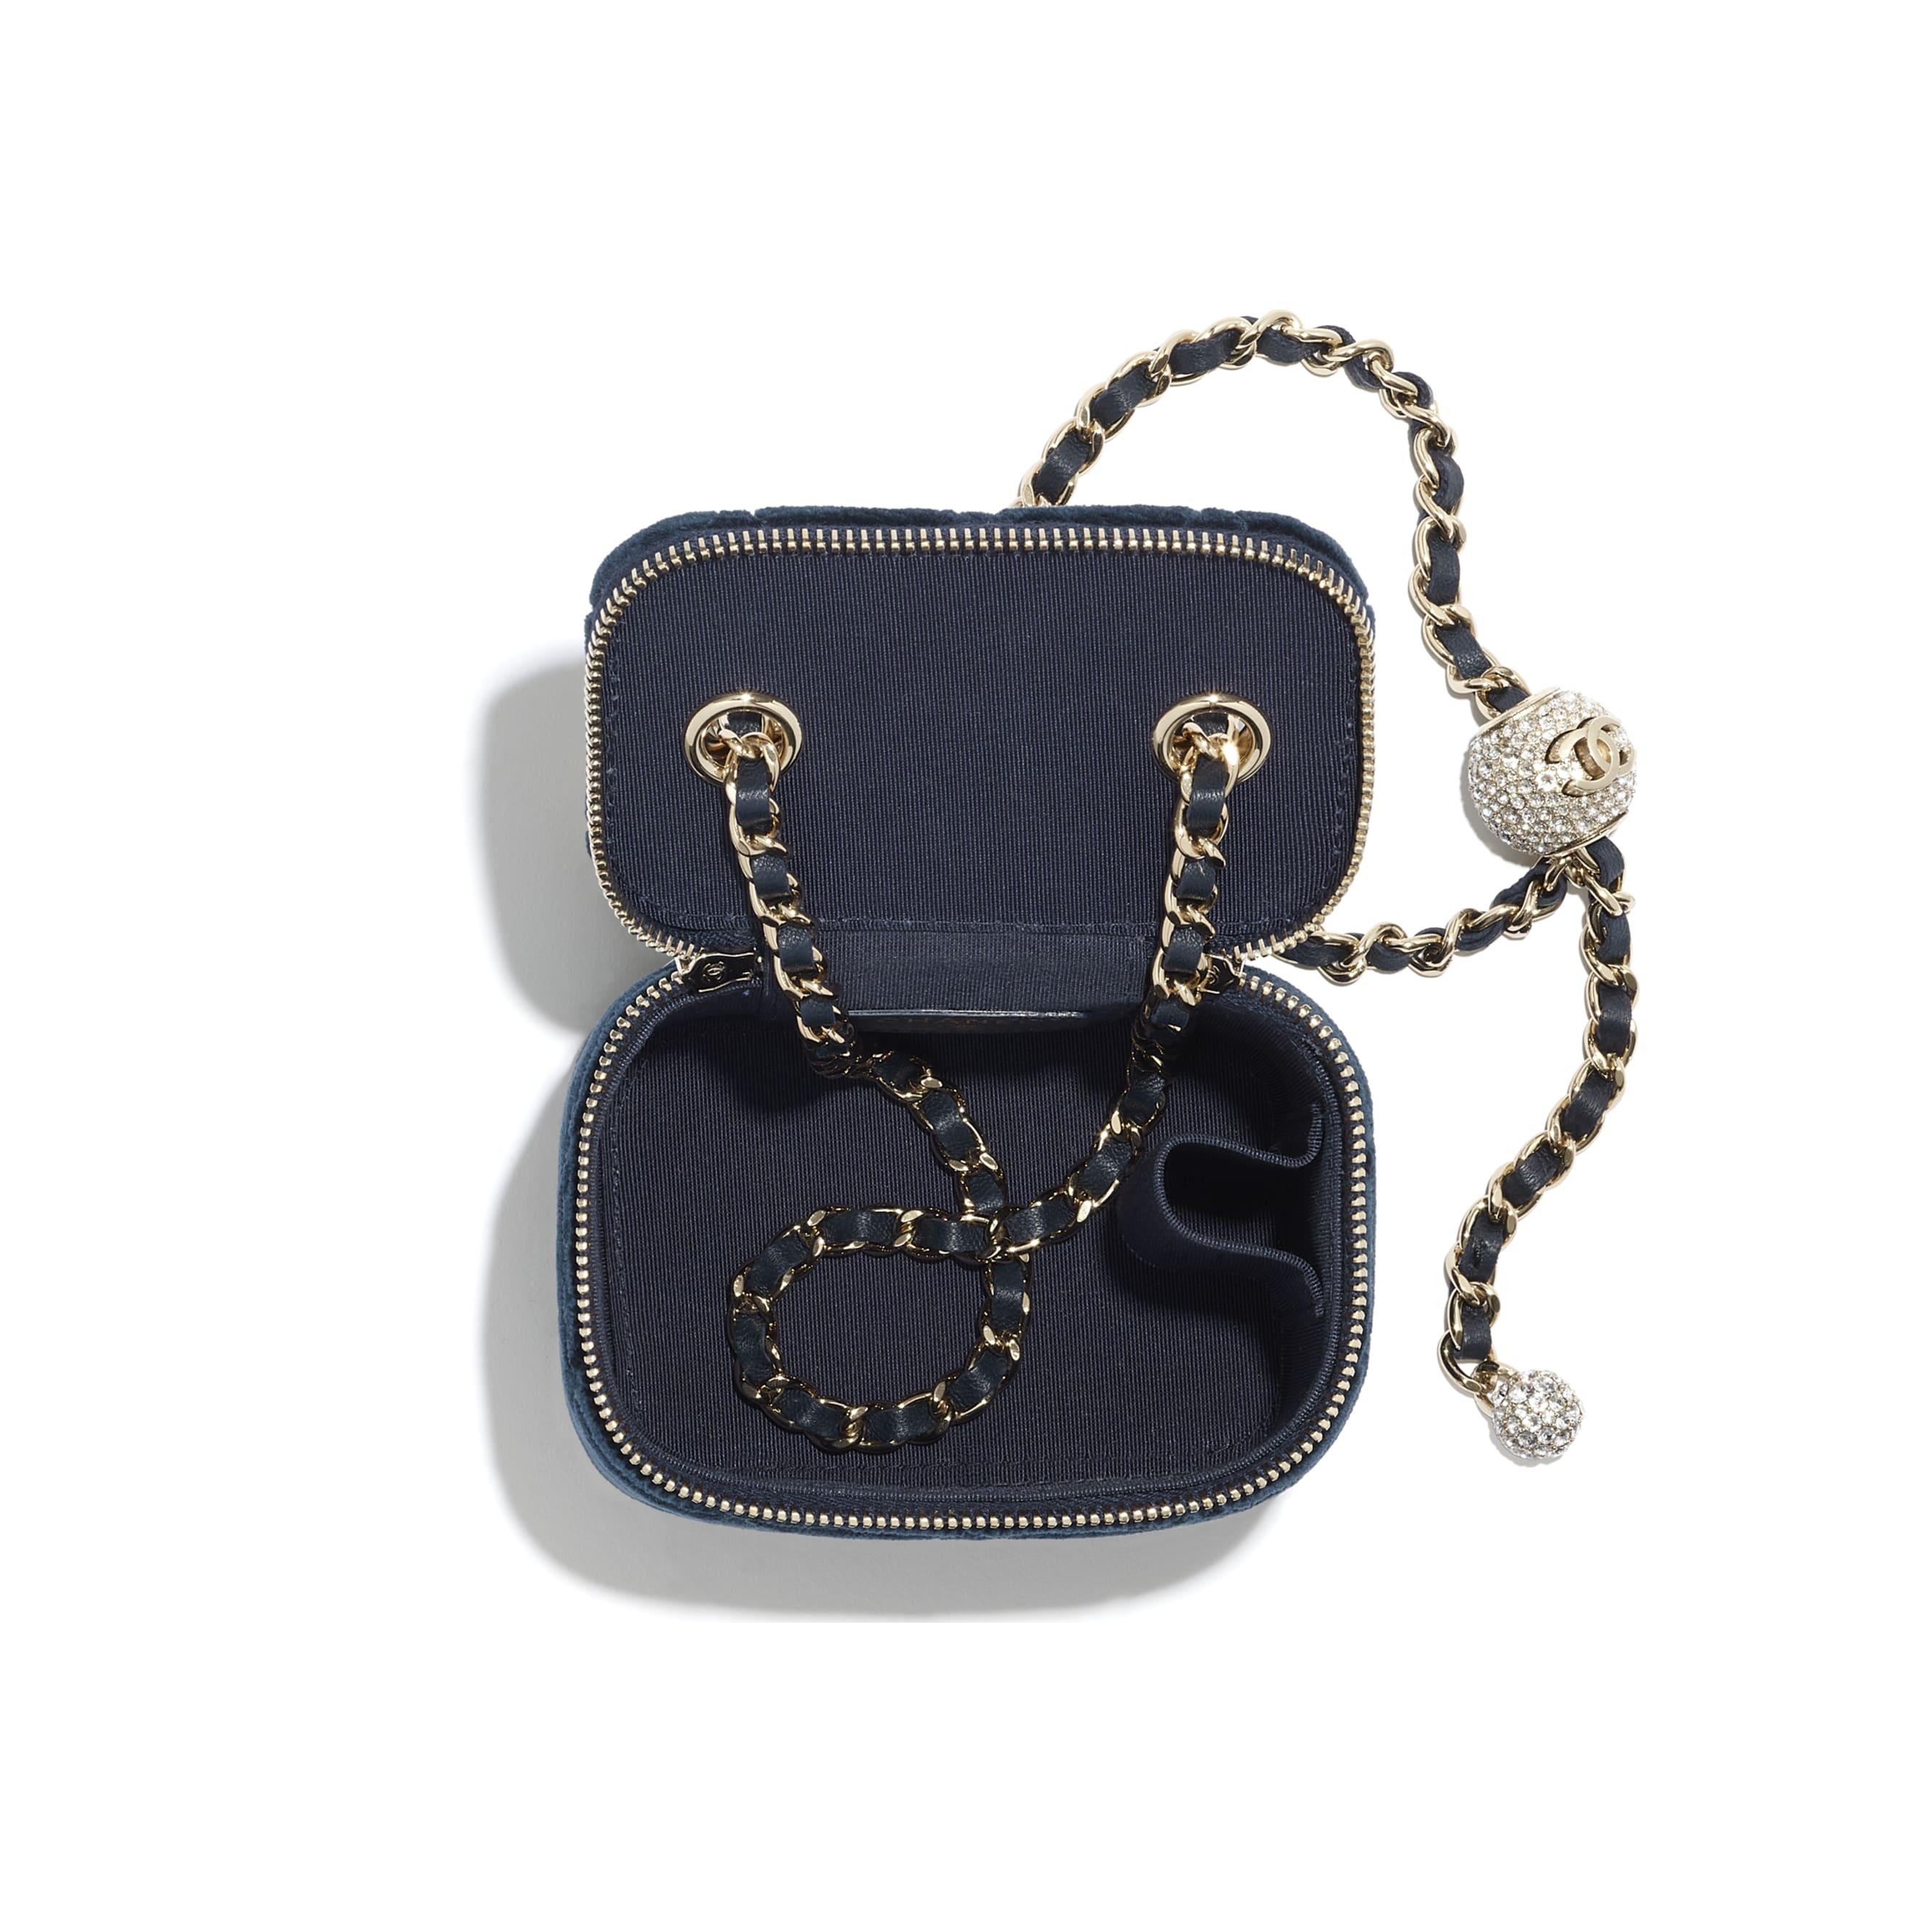 กระเป๋า Vanity ขนาดเล็ก พร้อมสายโซ่ - สีน้ำเงินเนวี่บลู - กำมะหยี่, คริสตัล และโลหะสีทอง - CHANEL - มุมมองอื่น - ดูเวอร์ชันขนาดมาตรฐาน